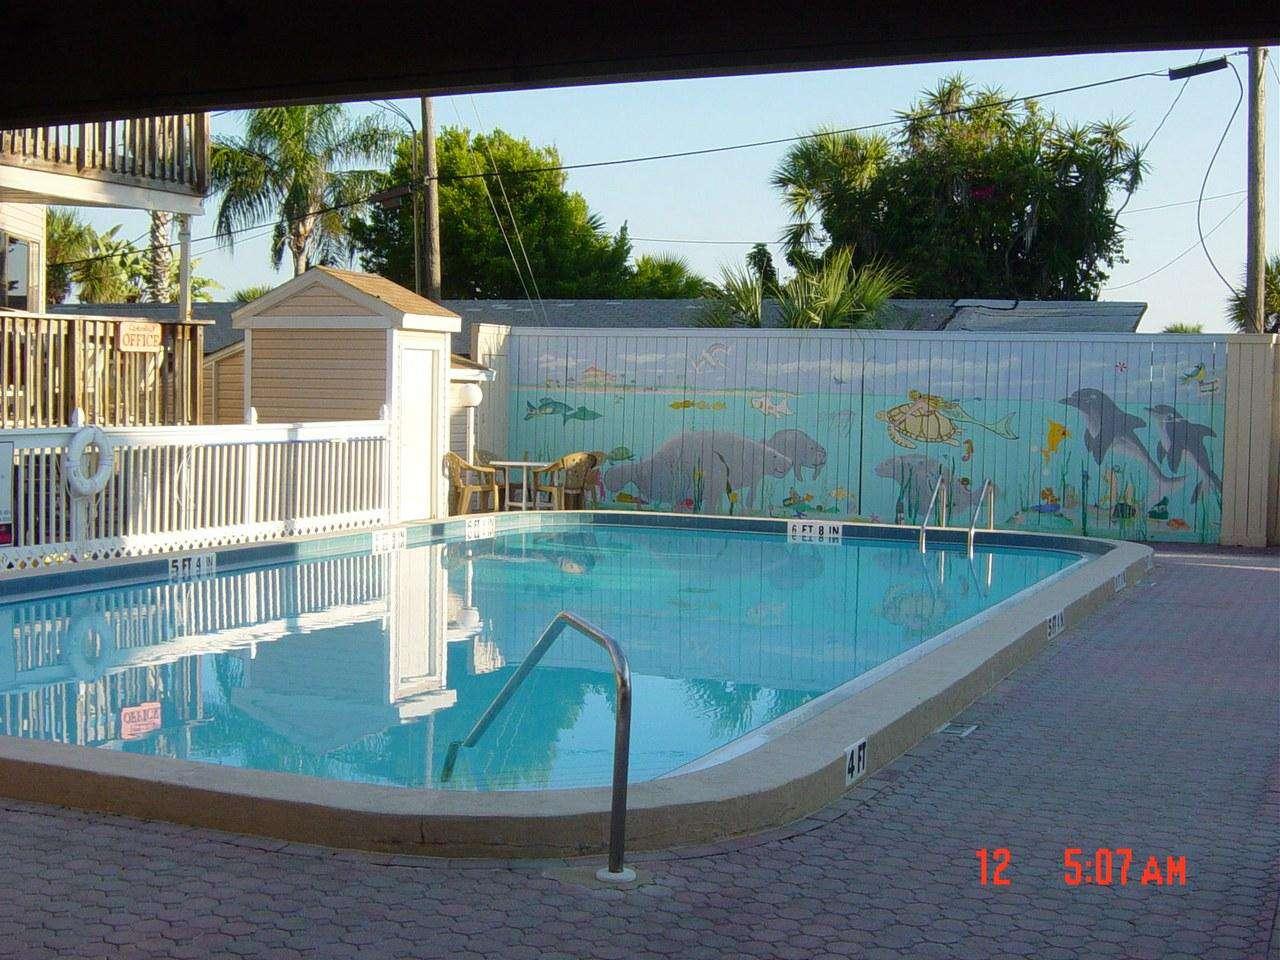 Castaways Heated Pool